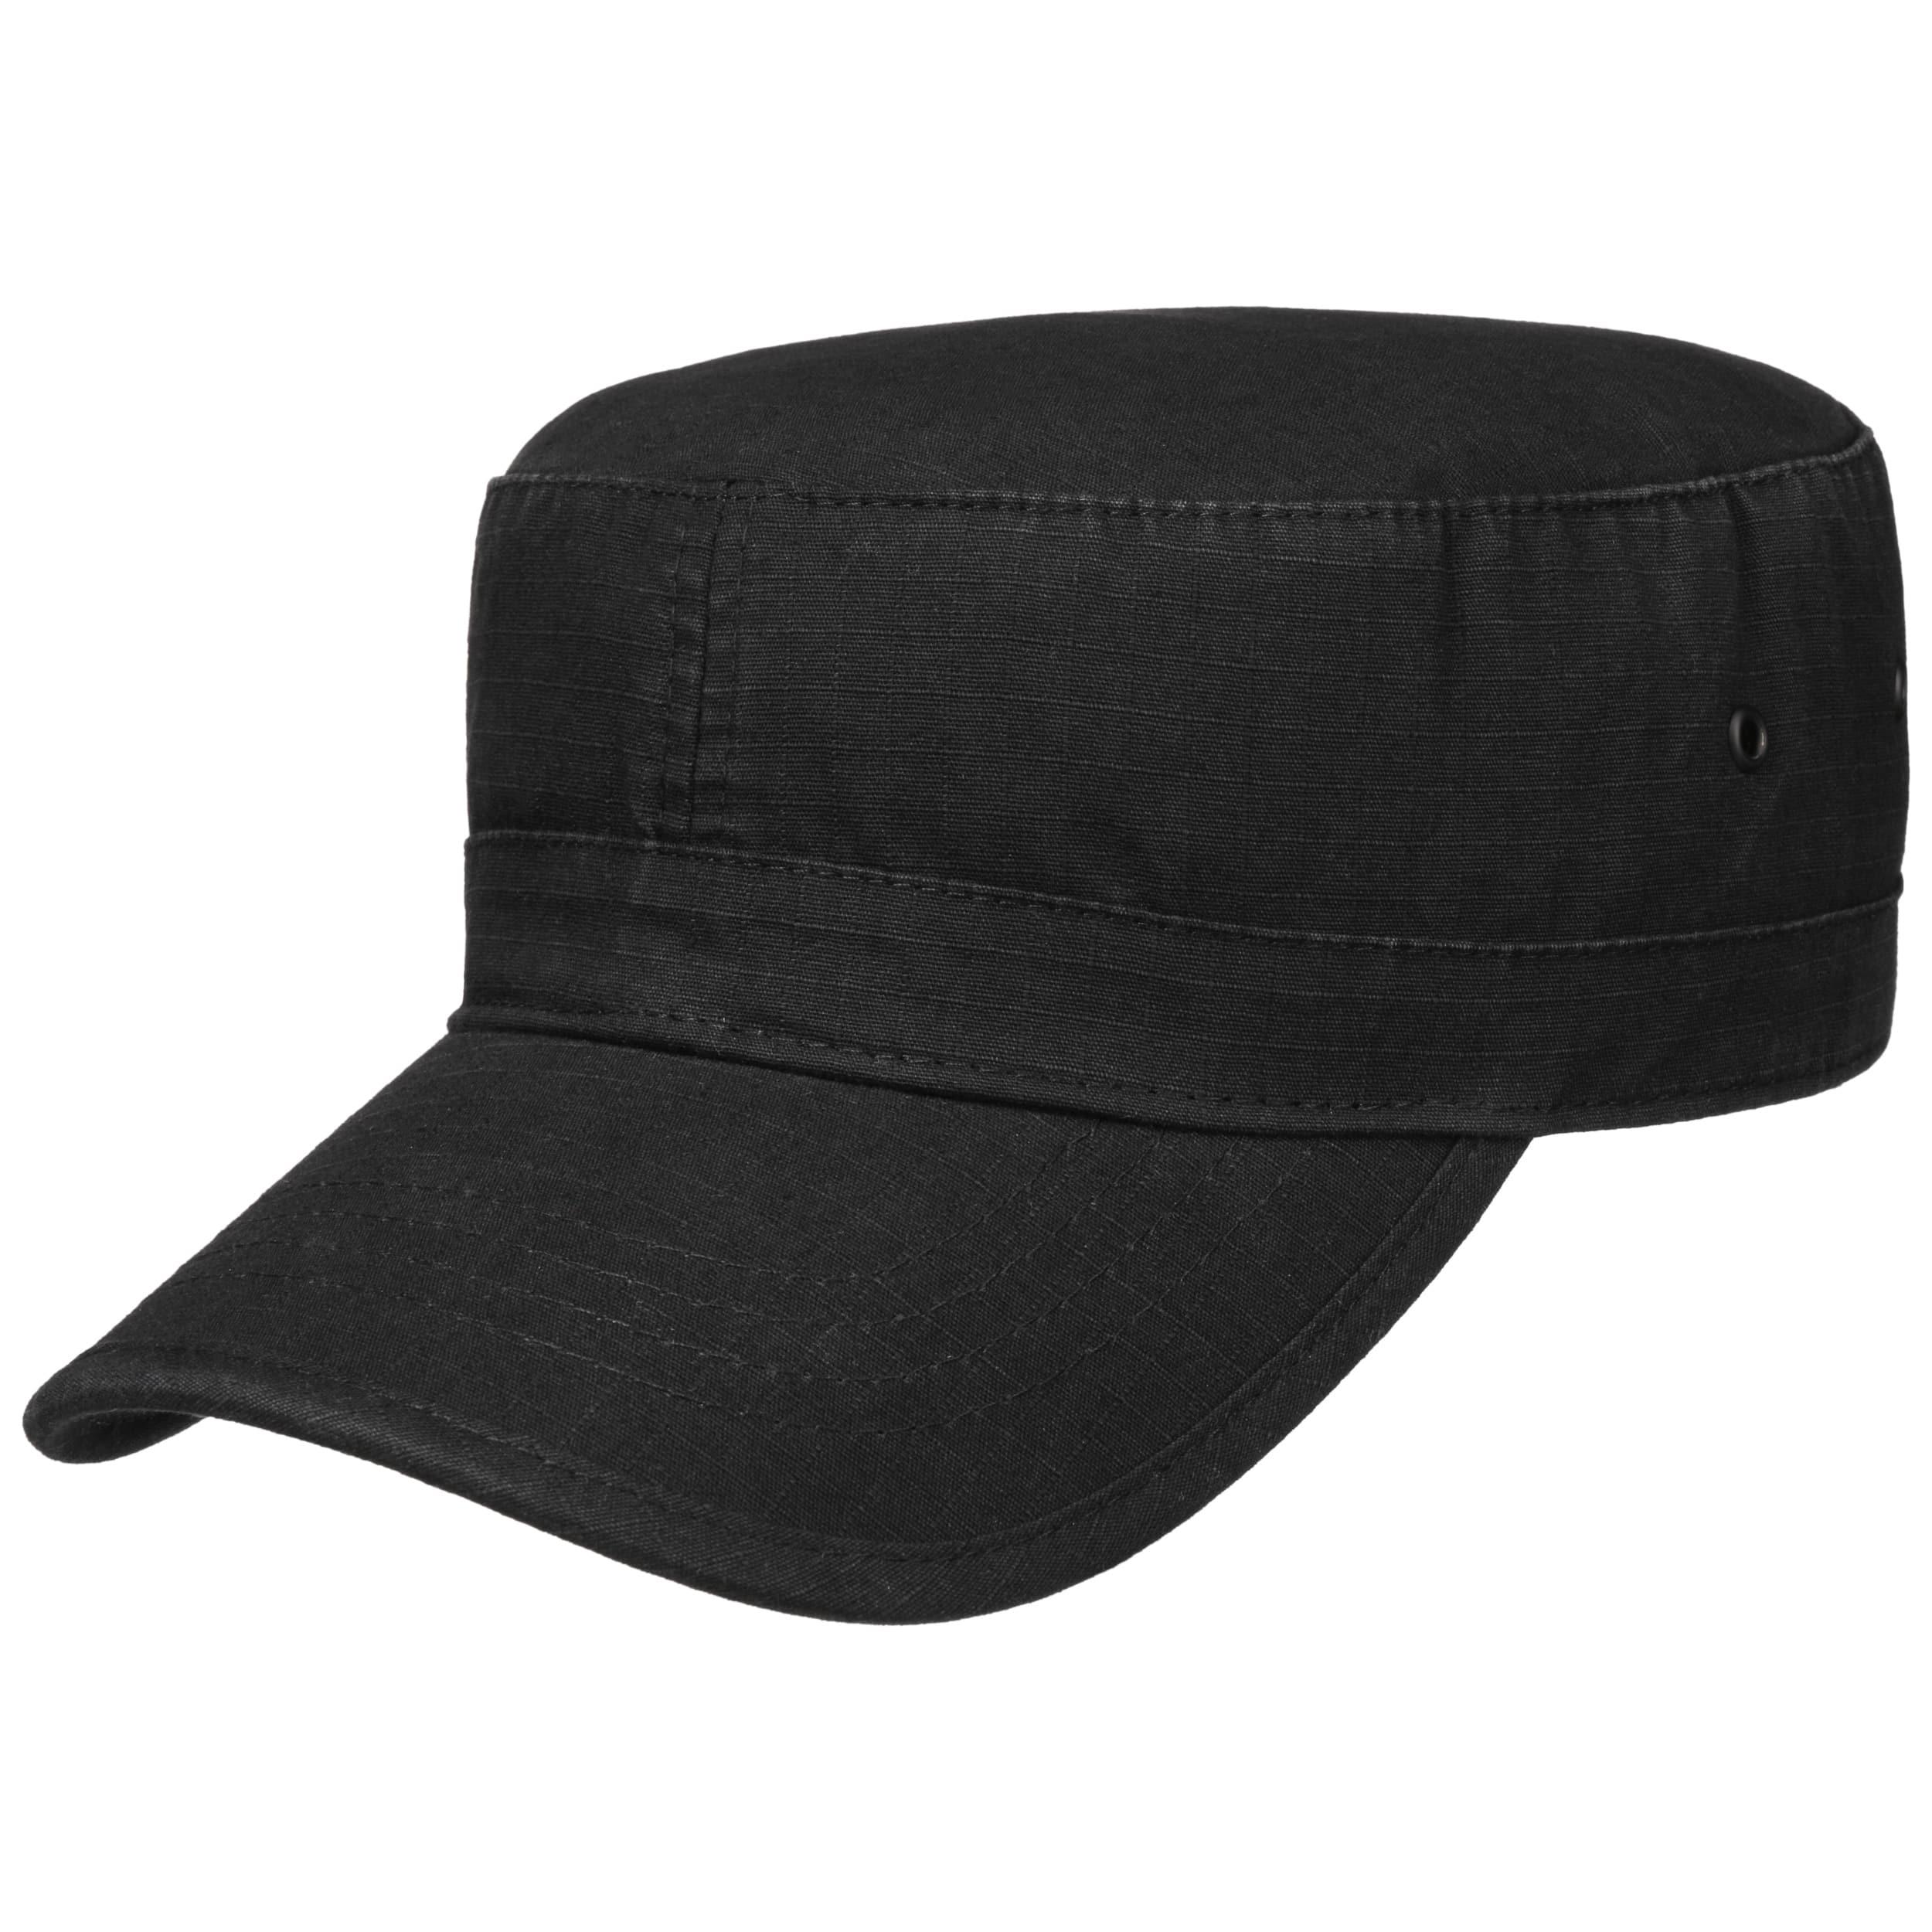 Gorra Militar - Gorras - sombreroshop.es 0a070293da5